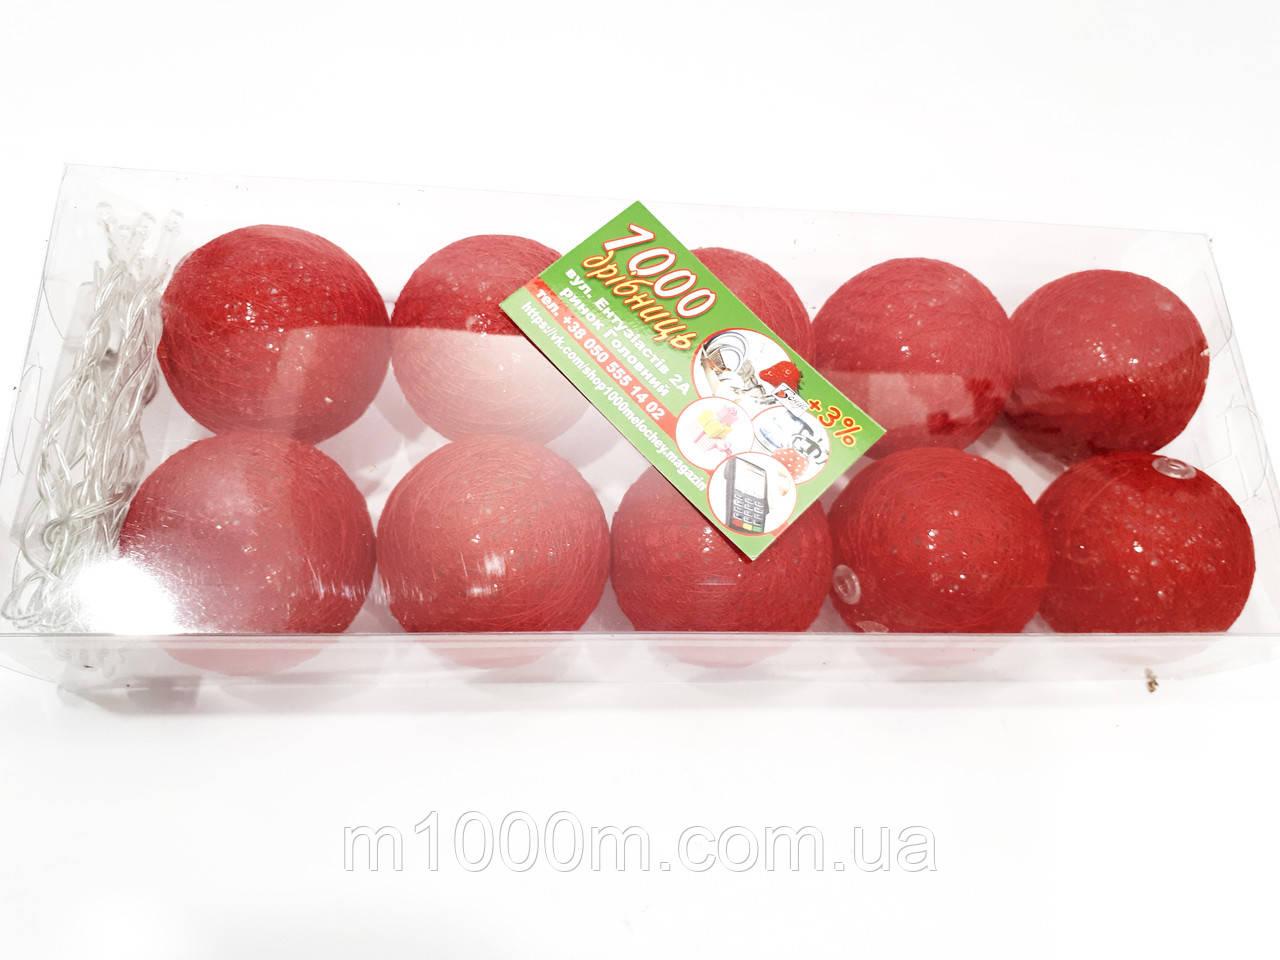 Гирлянда Хлопковые шарики Красная D-6 см, 1,7м. ТХ01622-6